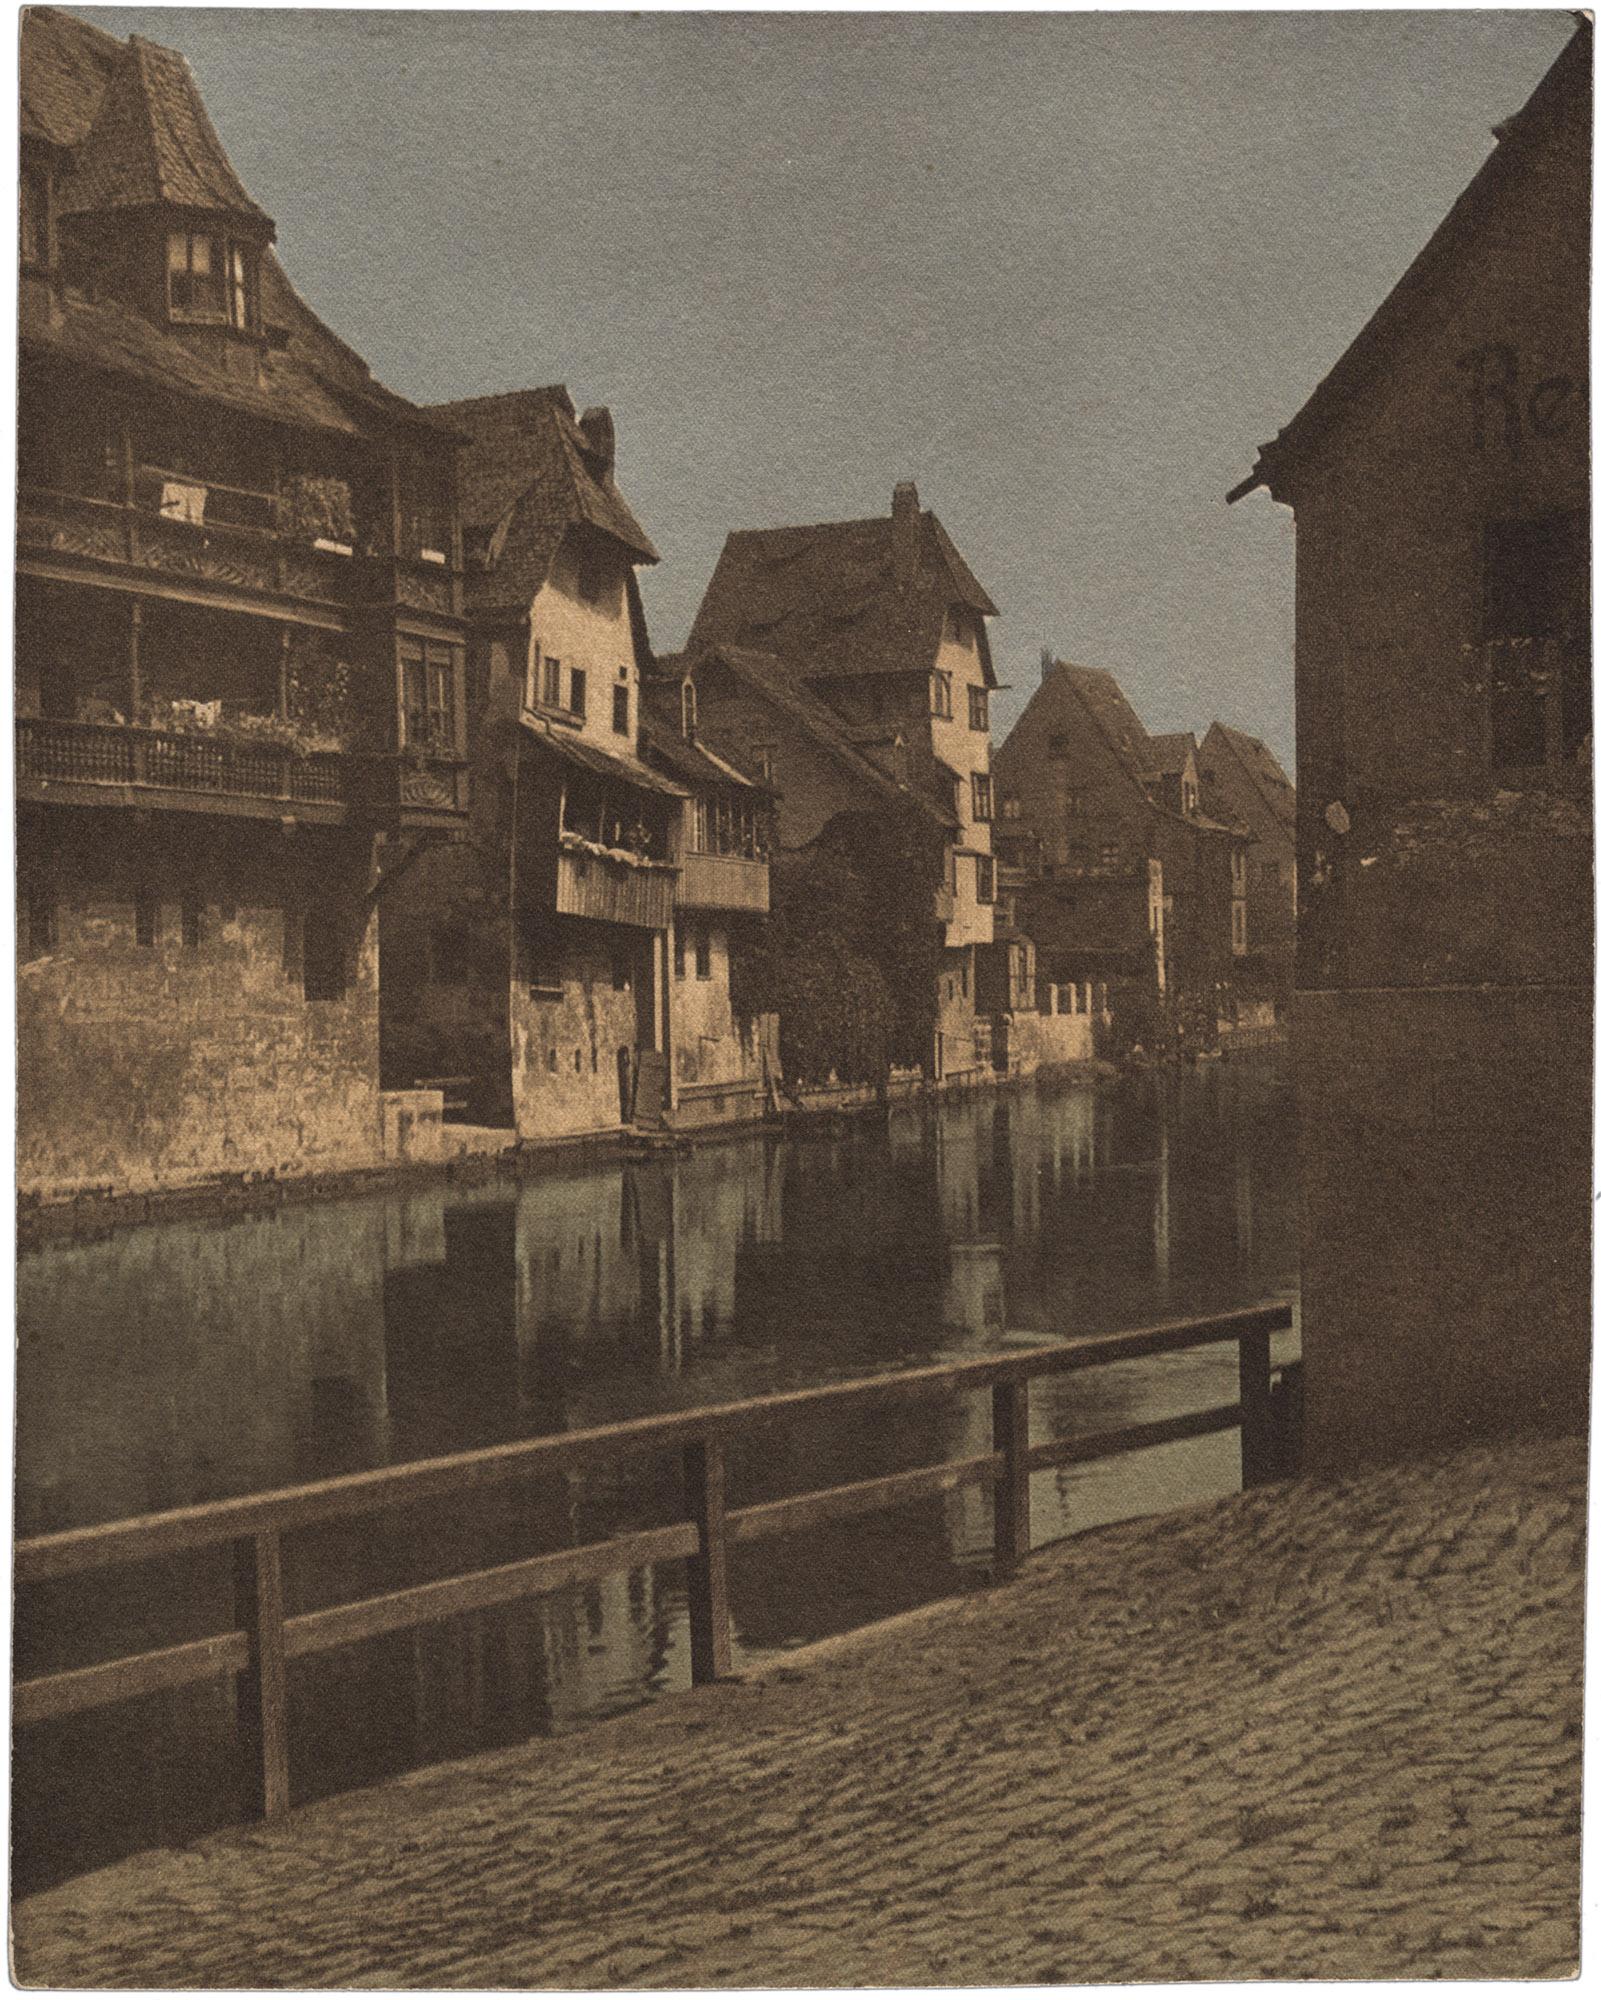 Fotó: Faix Jacques: Vízparti városkép, szines guminyomat, 1910 © Magyar Fotográfiai Múzeum